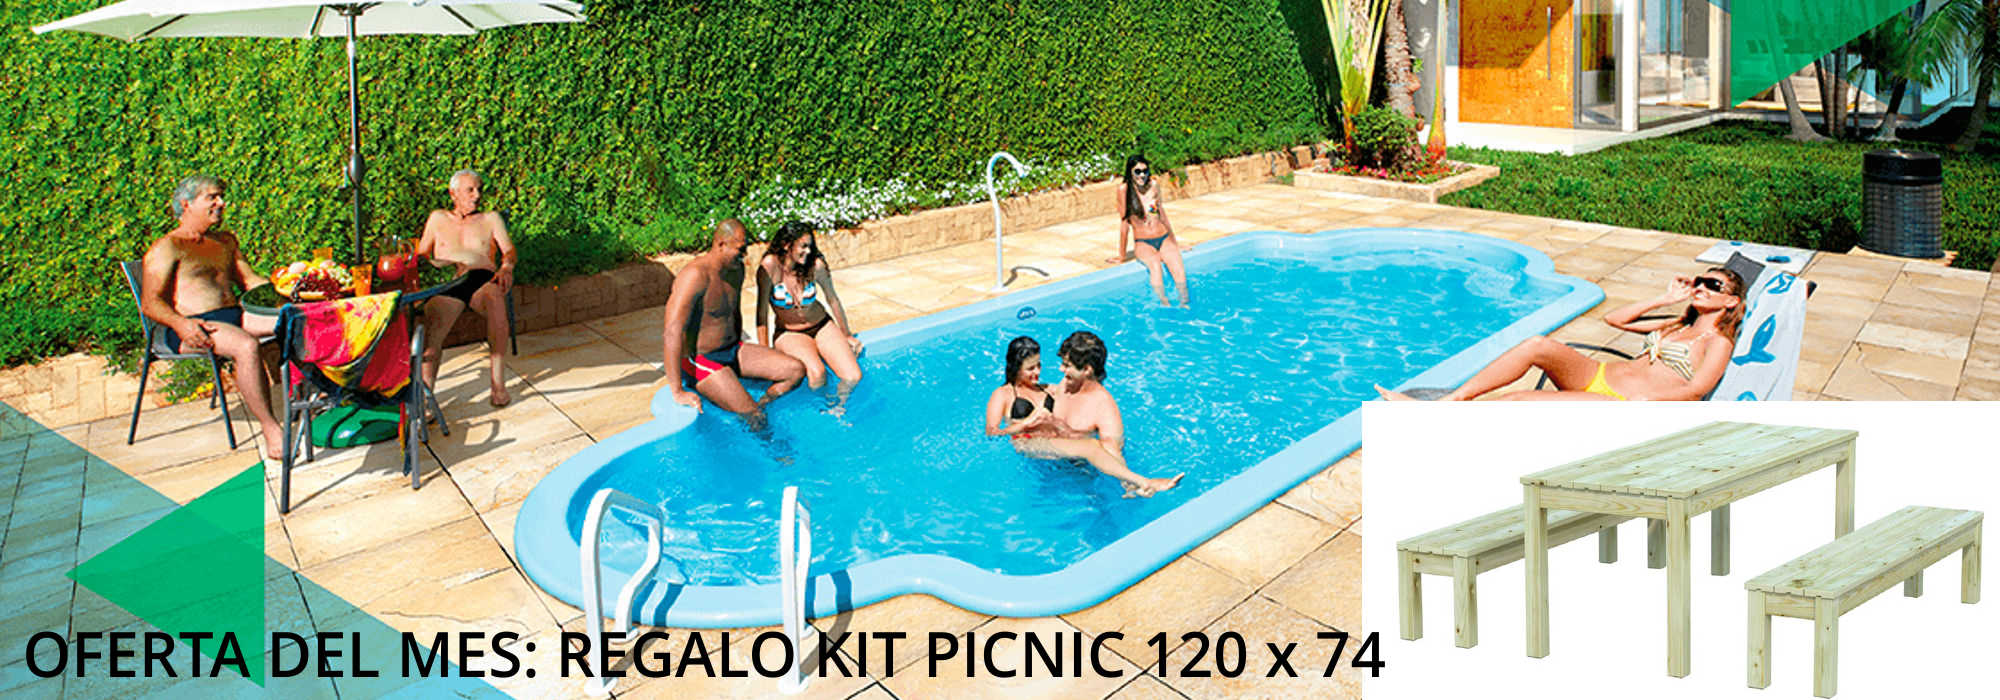 Piscinas piscinas de poliester venta y montaje for Piscinas de poliester economicas